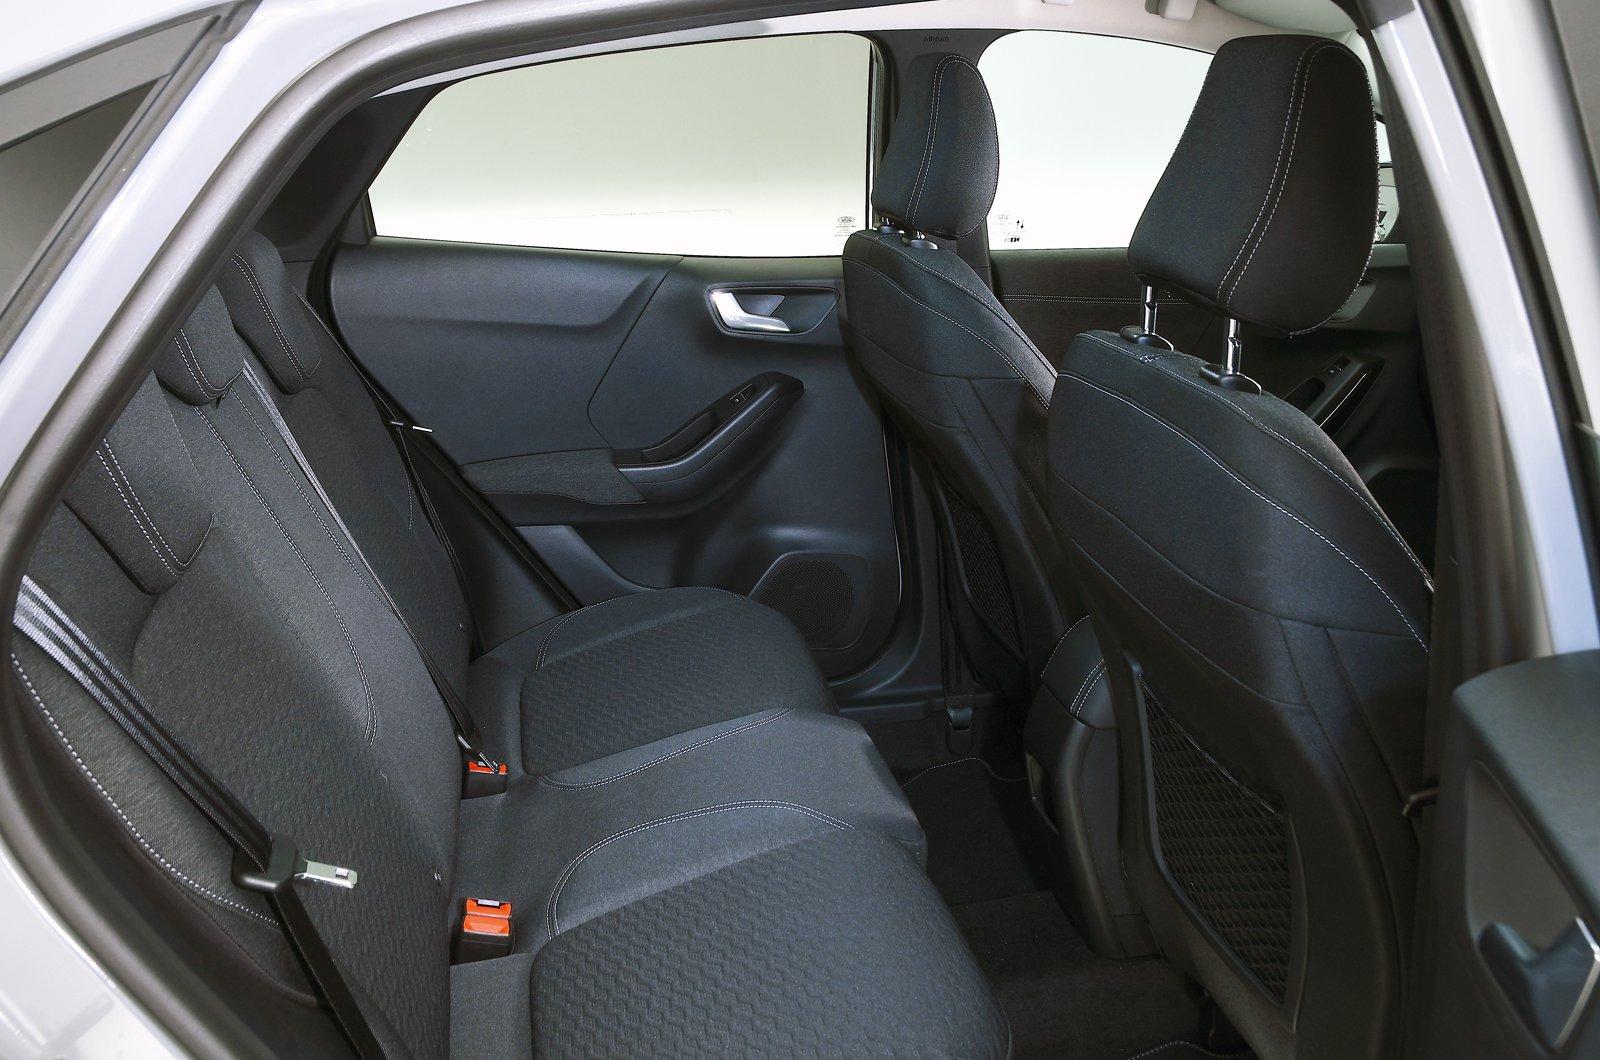 Ford Puma rear seats - grey 69-plate car